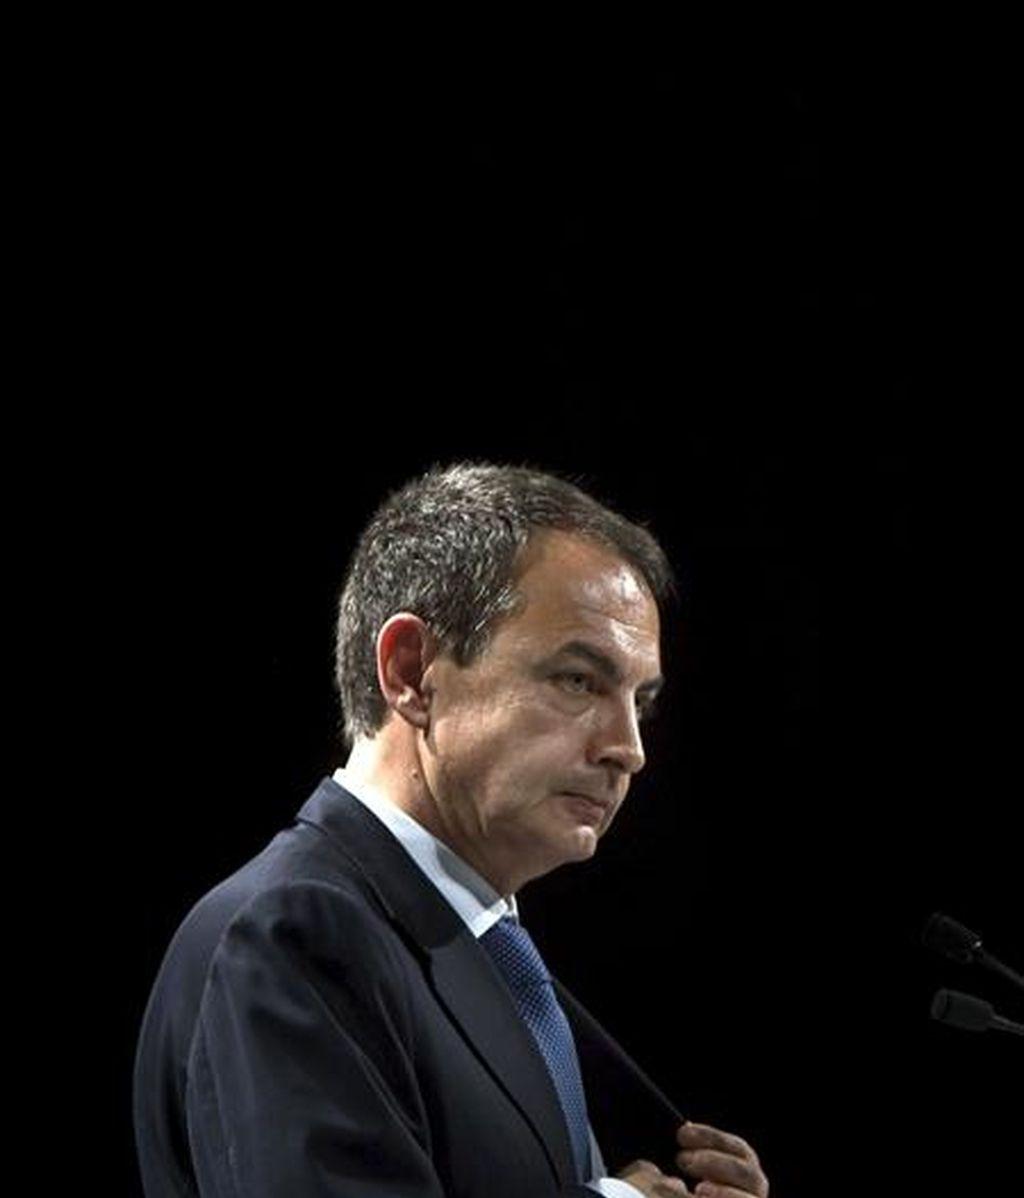 El presidente del Gobierno, José Luis Rodríguez Zapatero, durante la rueda de prensa que ha ofrecido tras la cumbre que el G-20 ha celebrado hoy en Londres. EFE